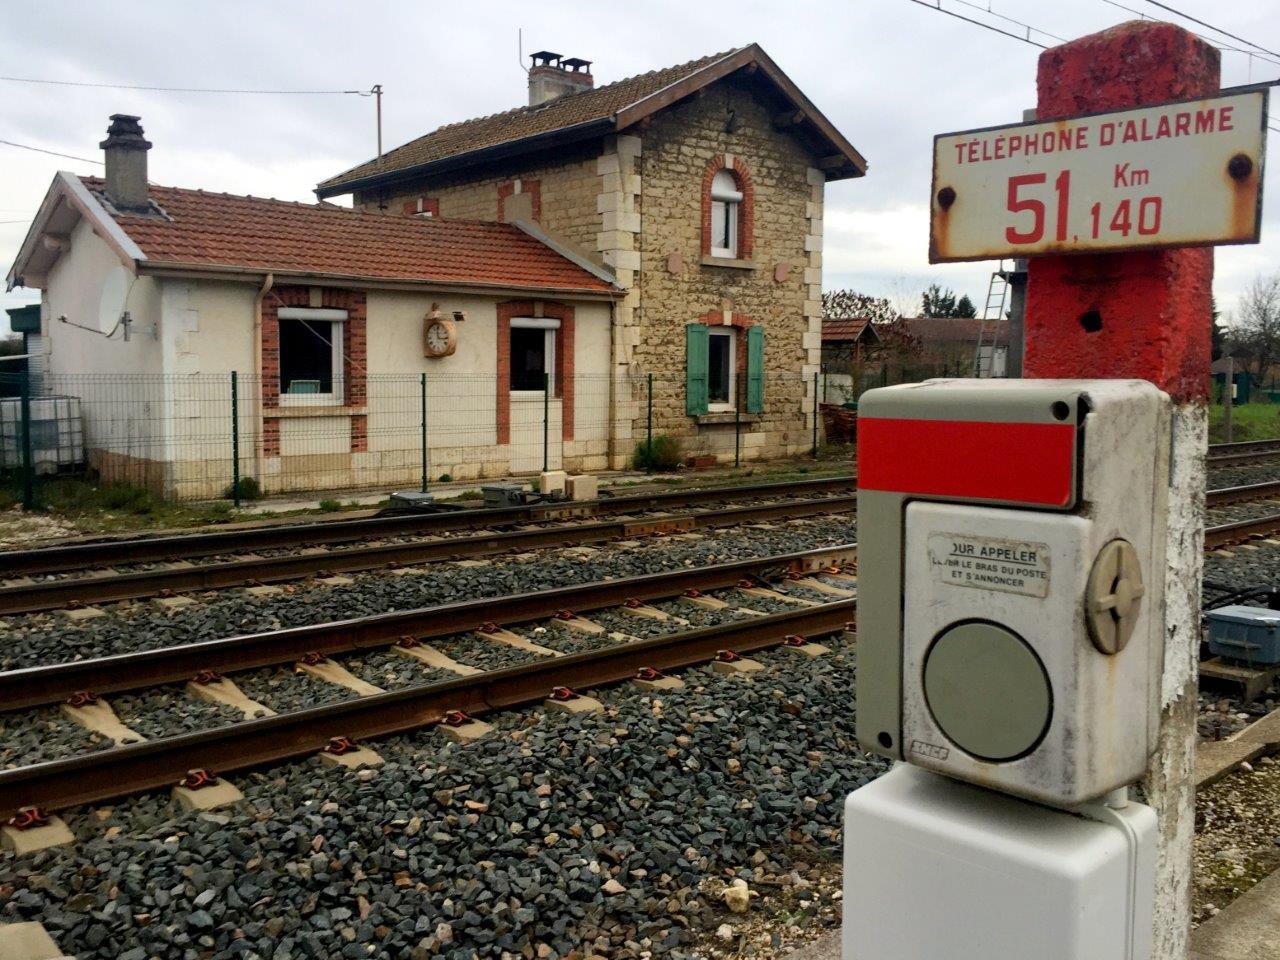 gare-de-saint-martin-du-mont-train-station